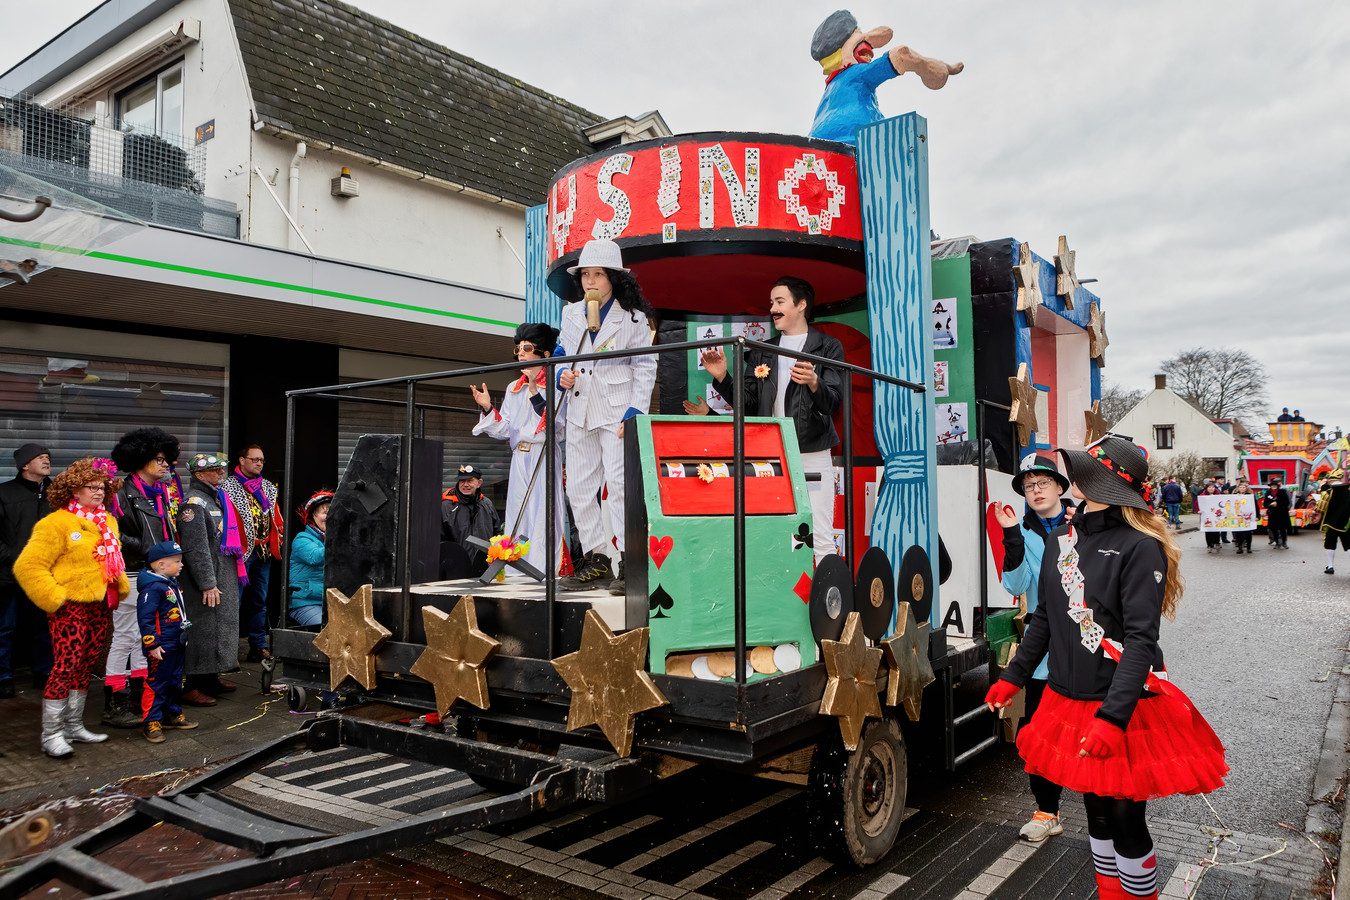 De optocht in Heerle, één van de hoogtepunten van het carnaval. De organiserende stichting is hard op zoek naar nieuwe pakkendragers.